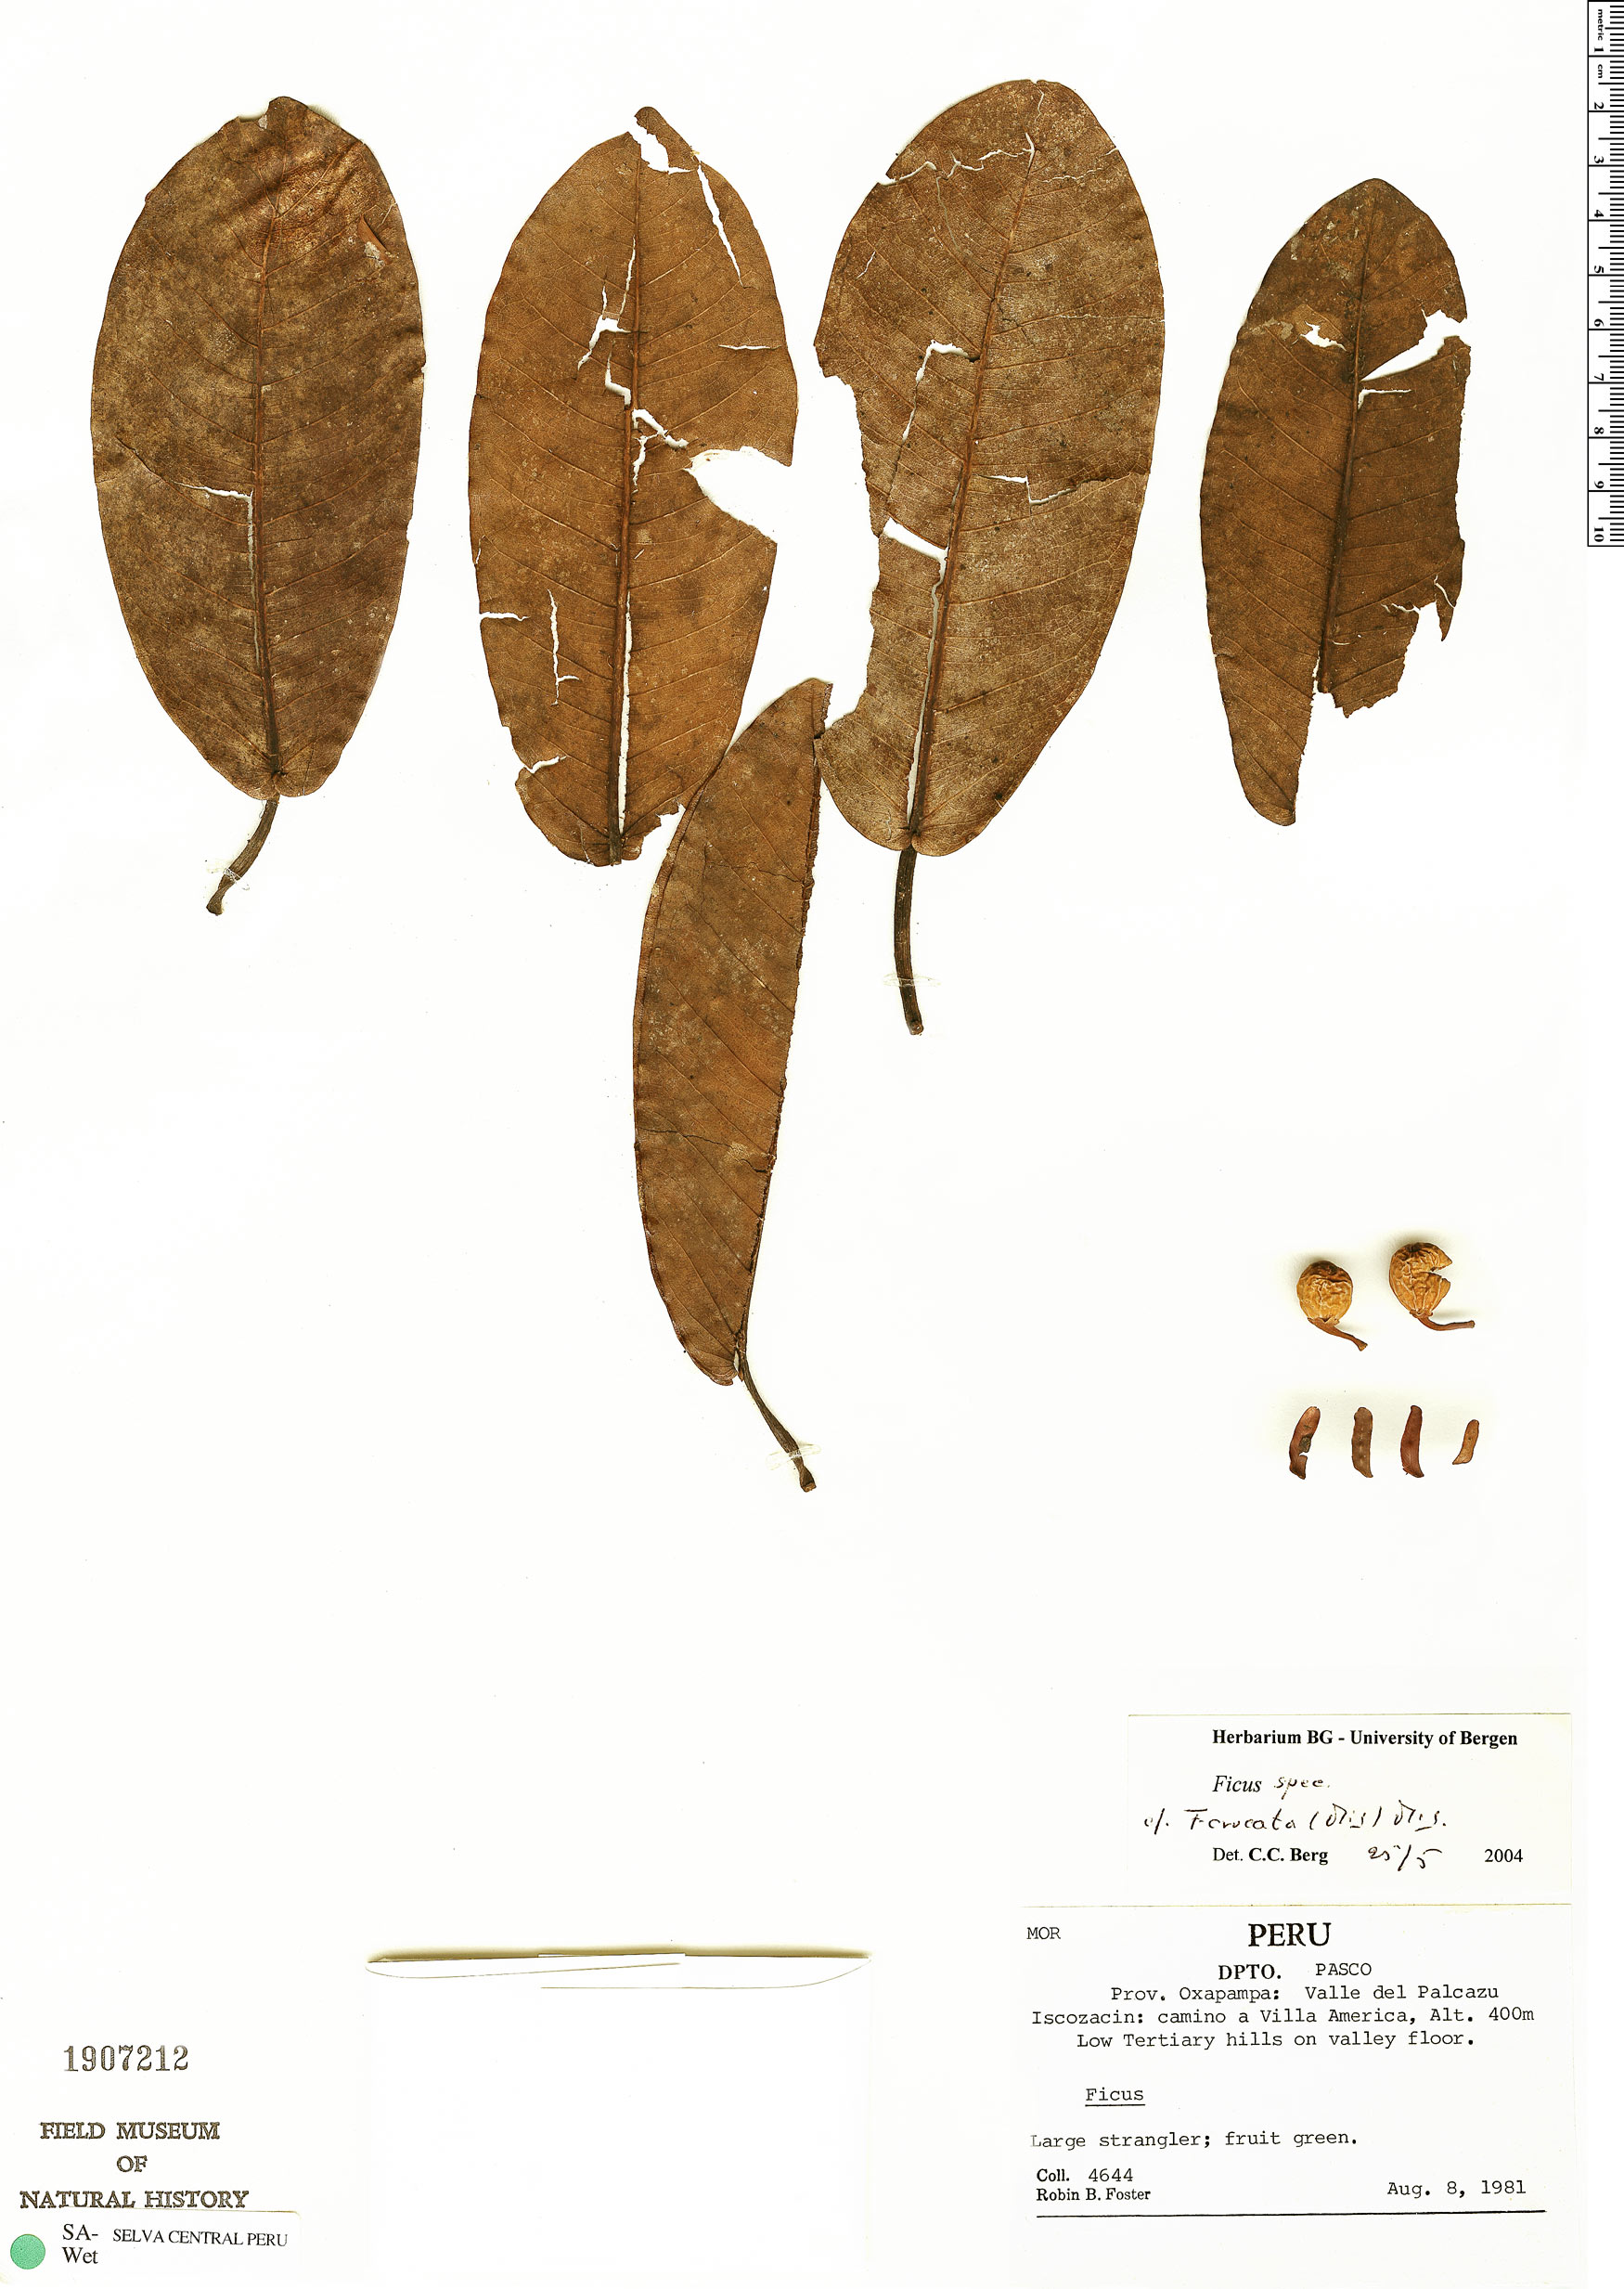 Specimen: Ficus crocata